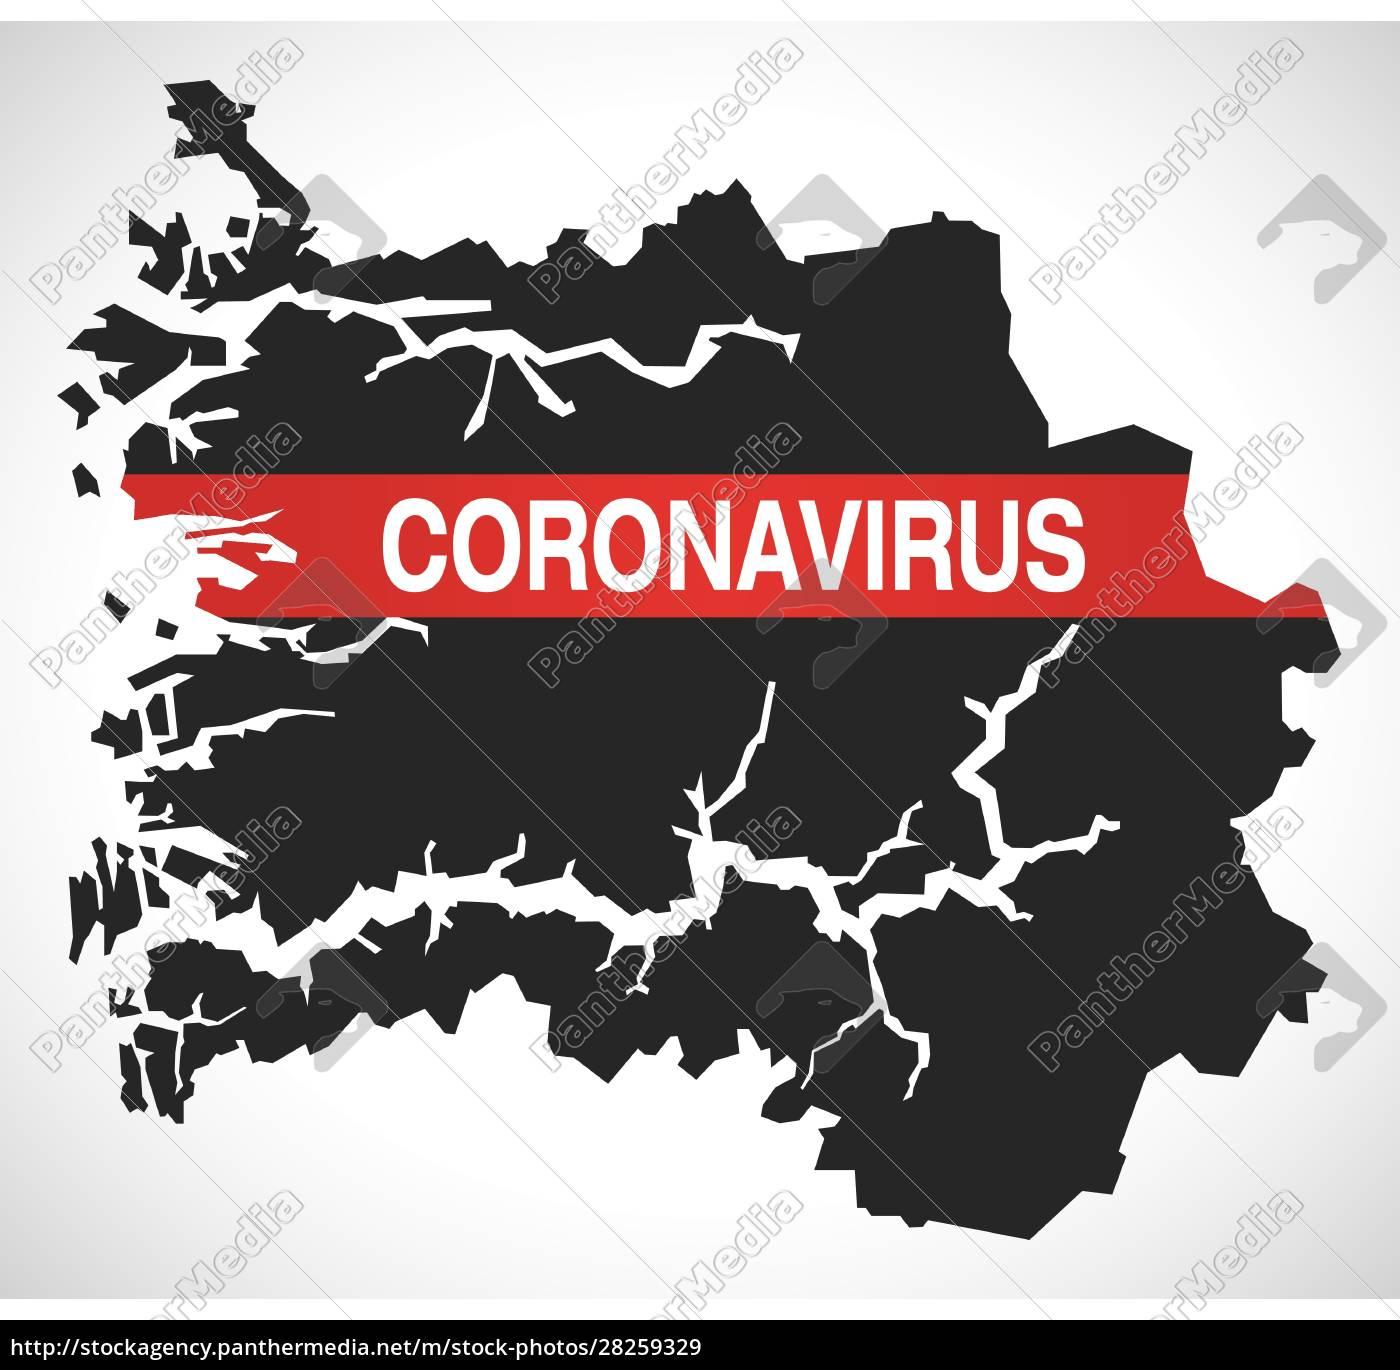 sogn, og, fjordane, norway, county, map - 28259329